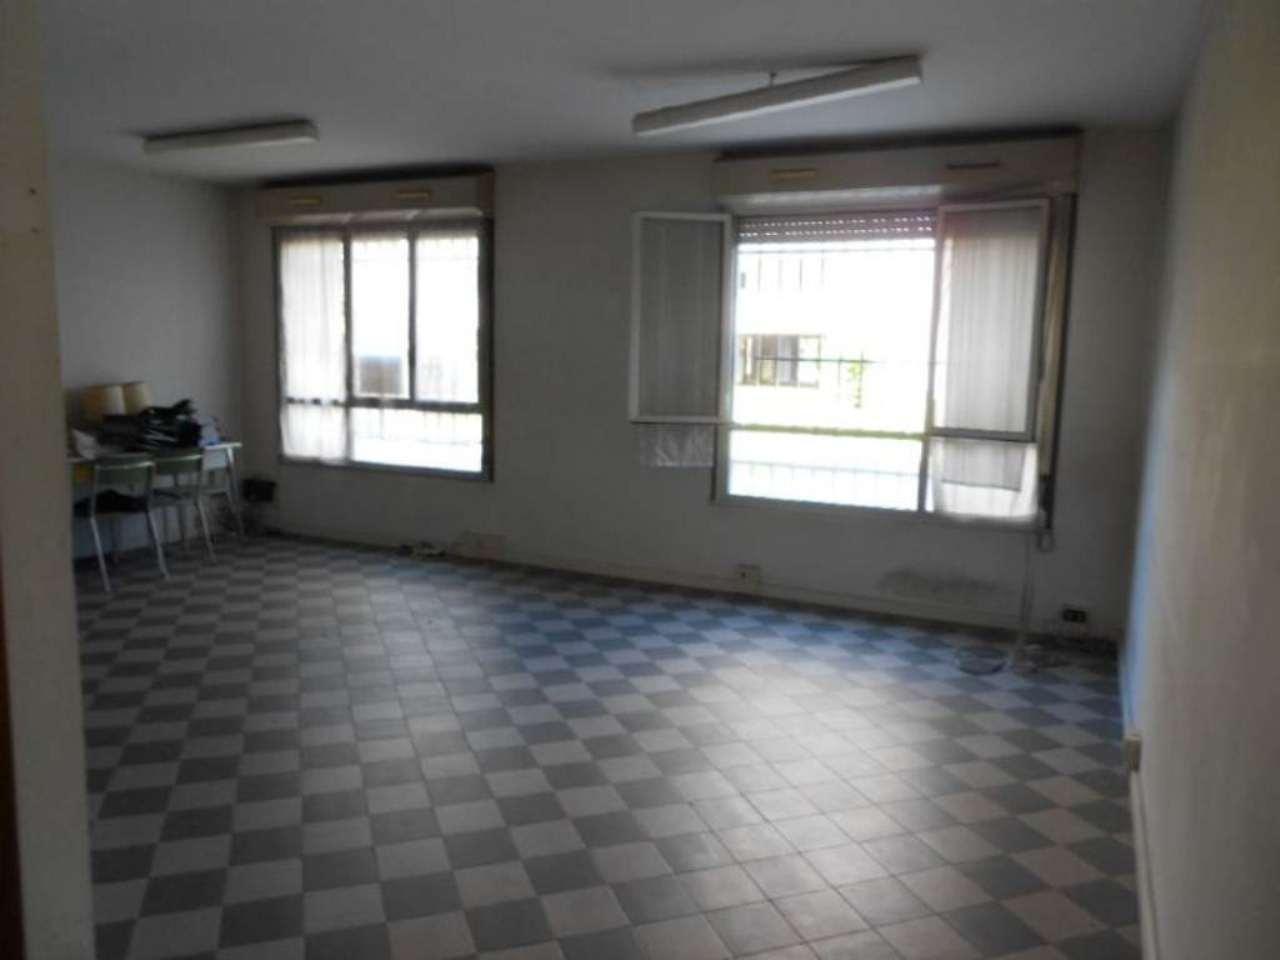 Ufficio / Studio in affitto a Cologno Monzese, 1 locali, prezzo € 300 | Cambio Casa.it